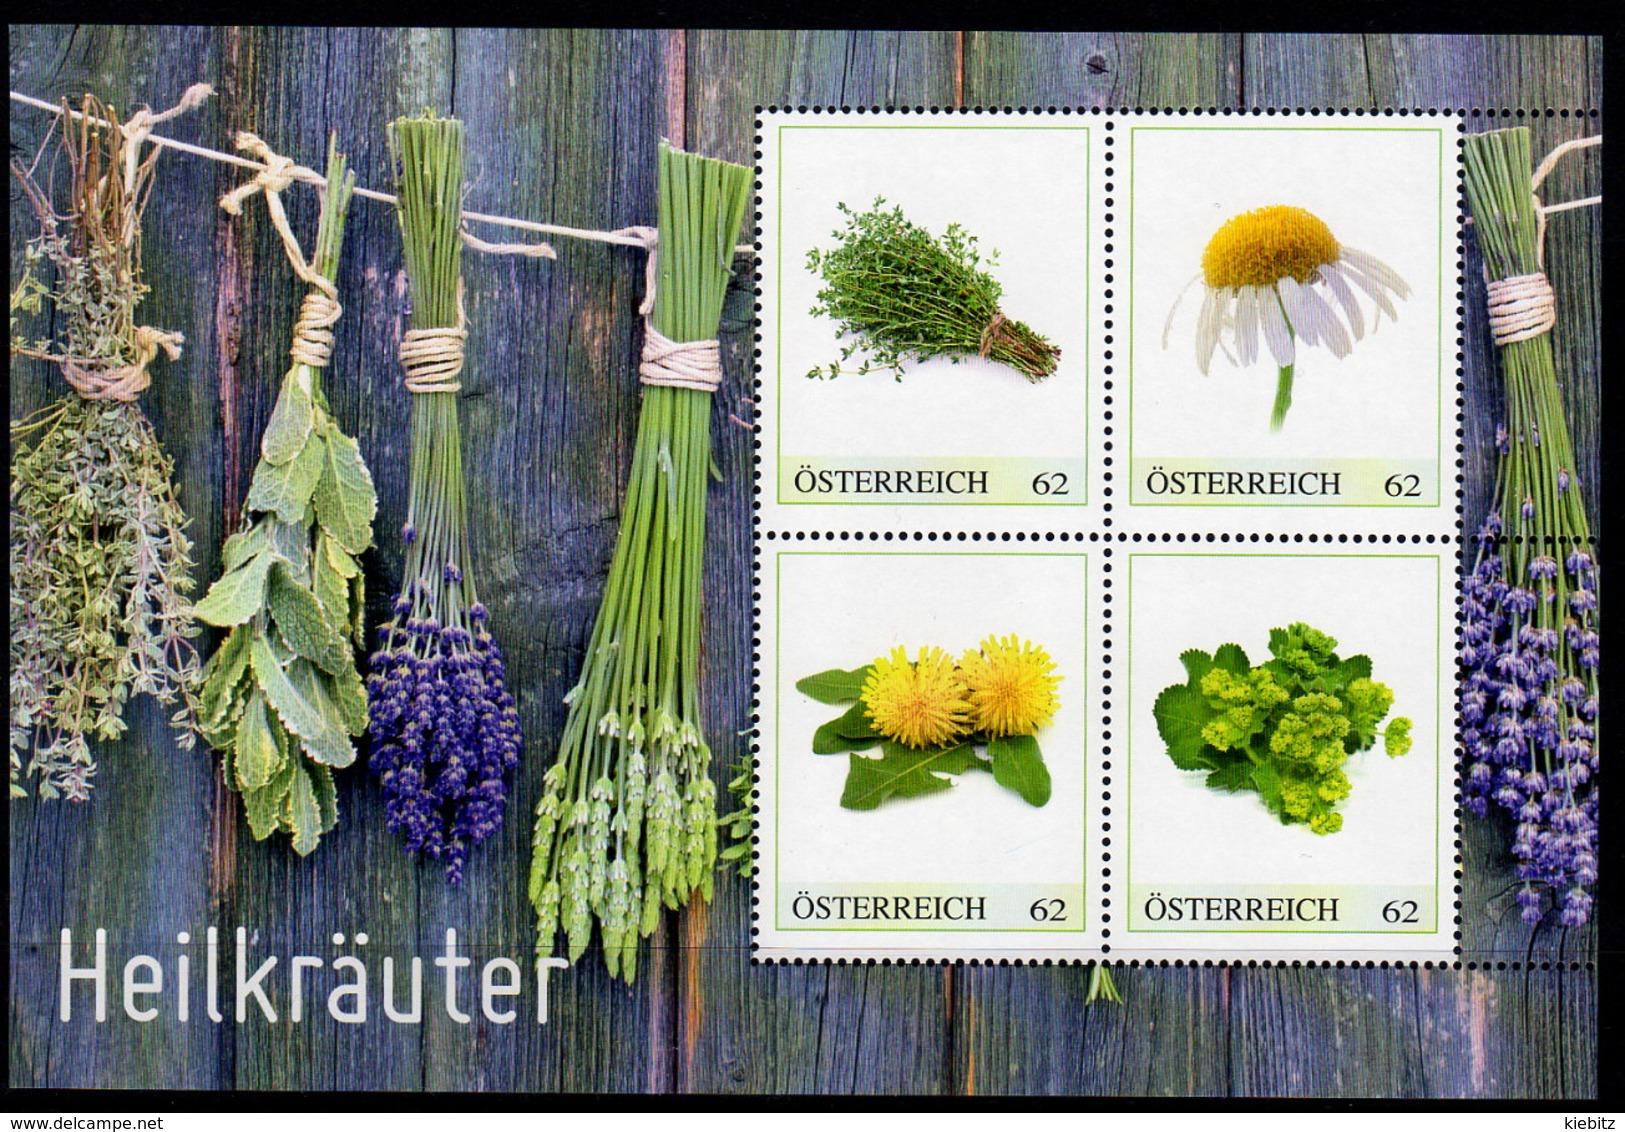 ÖSTERREICH 2013 ** Heilpflanzen - Thymian Kamille Löwenzahn Frauenmantel - PM Personalized Bloc MNH - Heilpflanzen